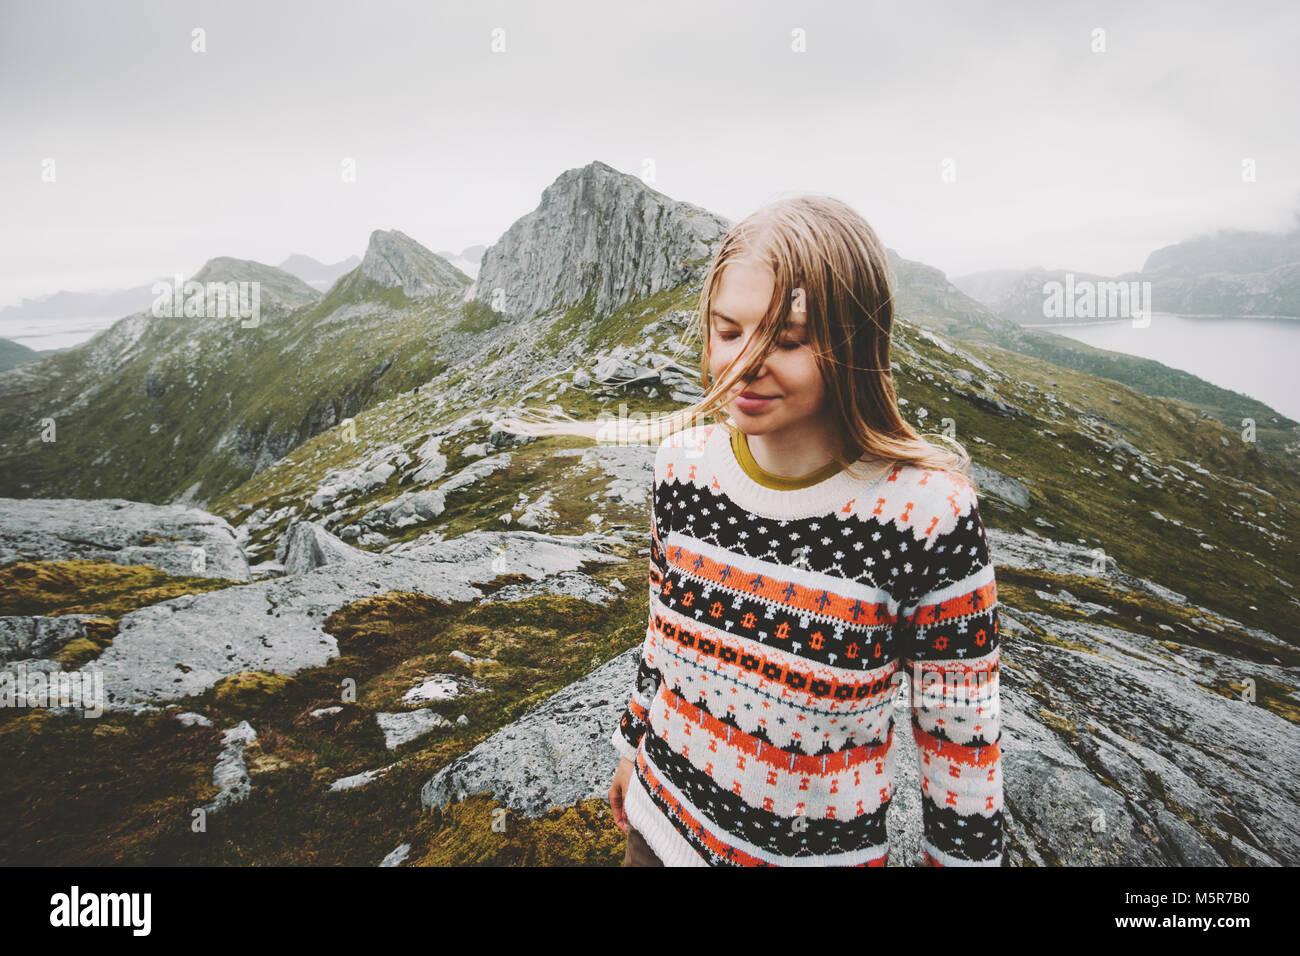 Giovane donna bionda passeggiate in Norvegia montagne stile di vita viaggio concetto emozionante avventura outdoor Immagini Stock